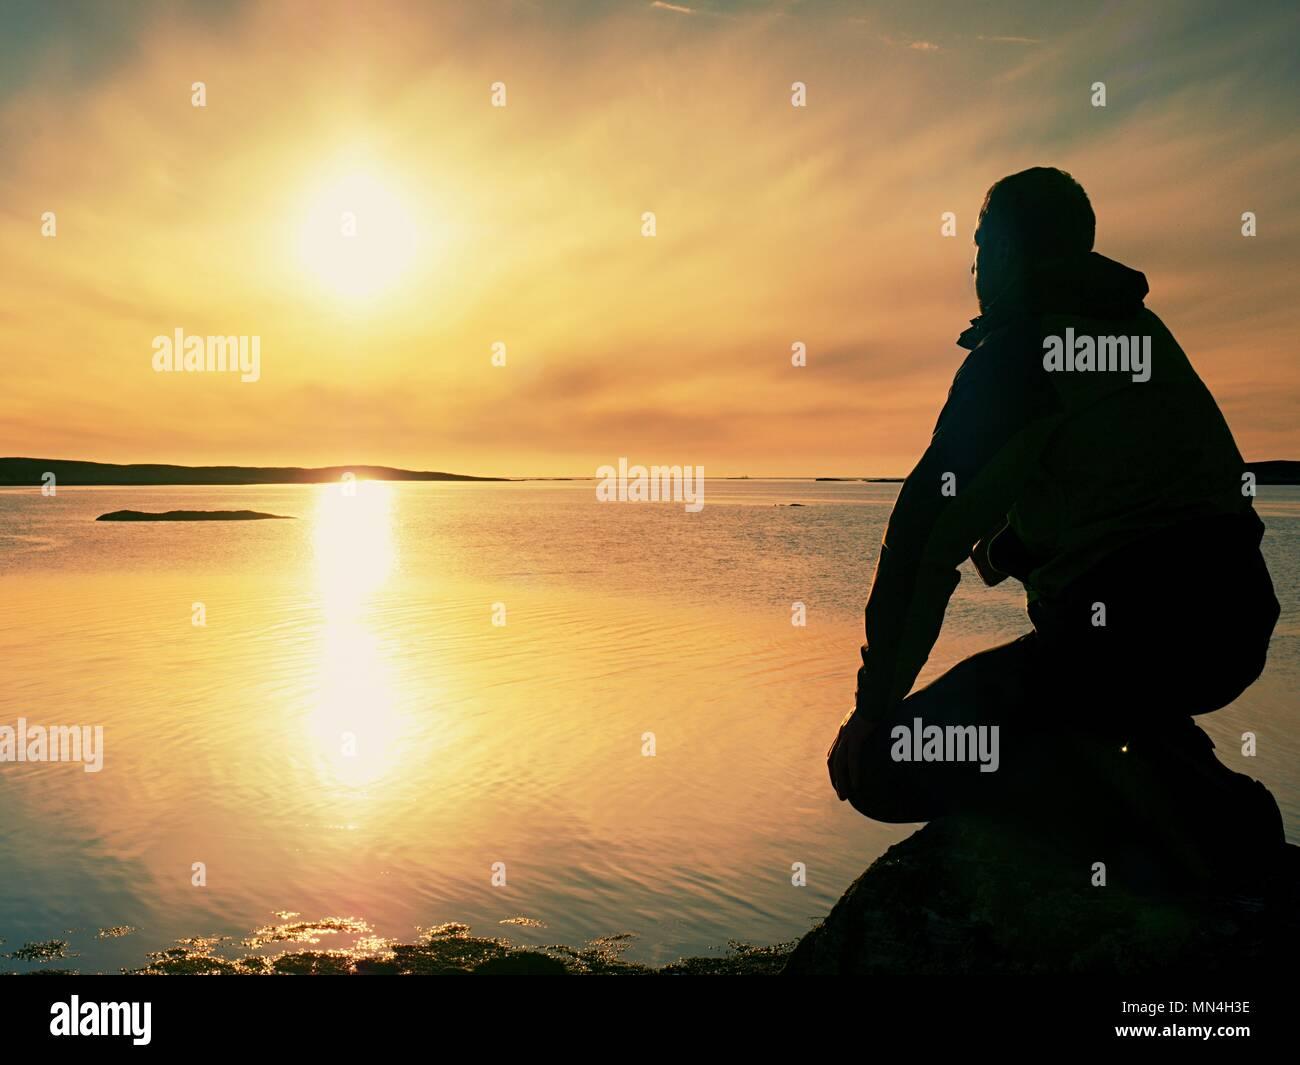 Uomo solitario escursionista si siede da solo sulla costa rocciosa e godersi il tramonto. Vista sulla scogliera rocciosa di oceano libero Immagini Stock